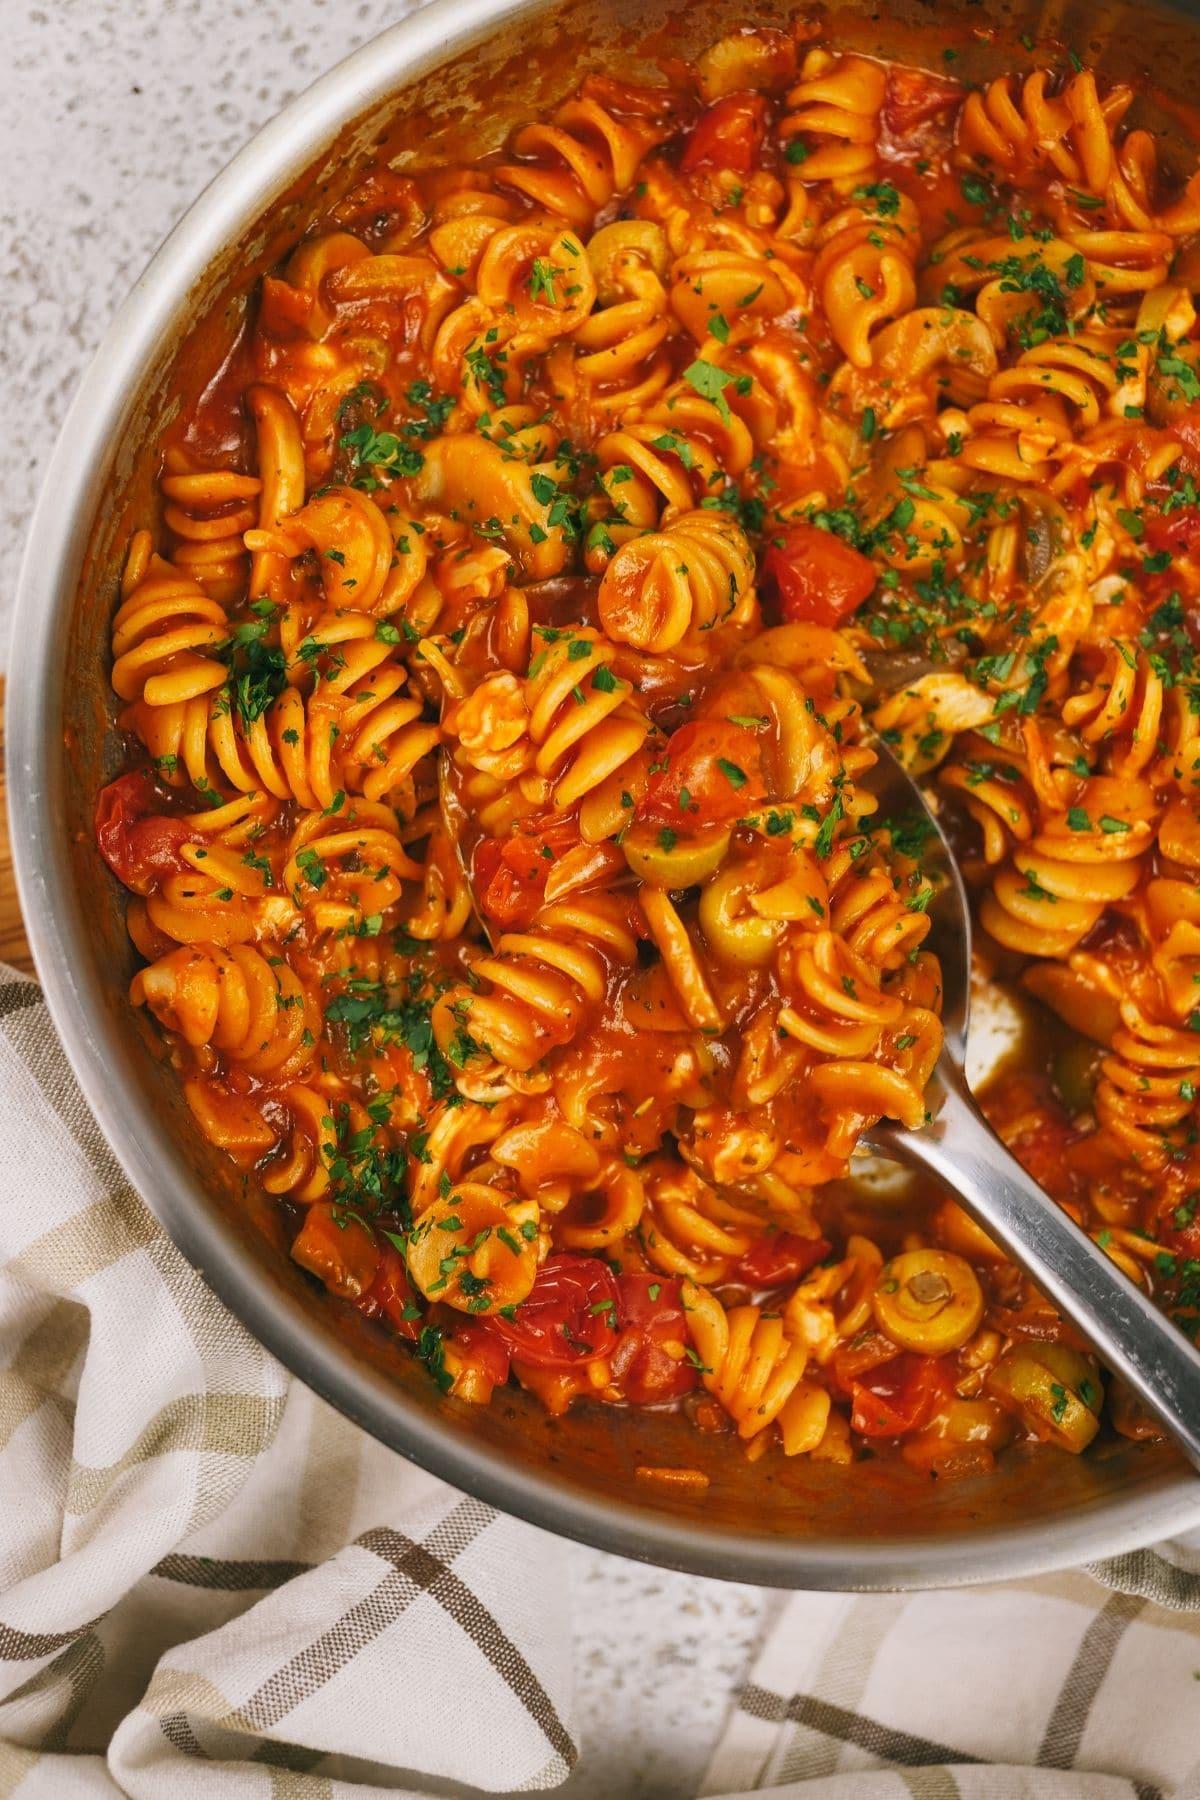 Metal spoon in skillet of tomato pasta